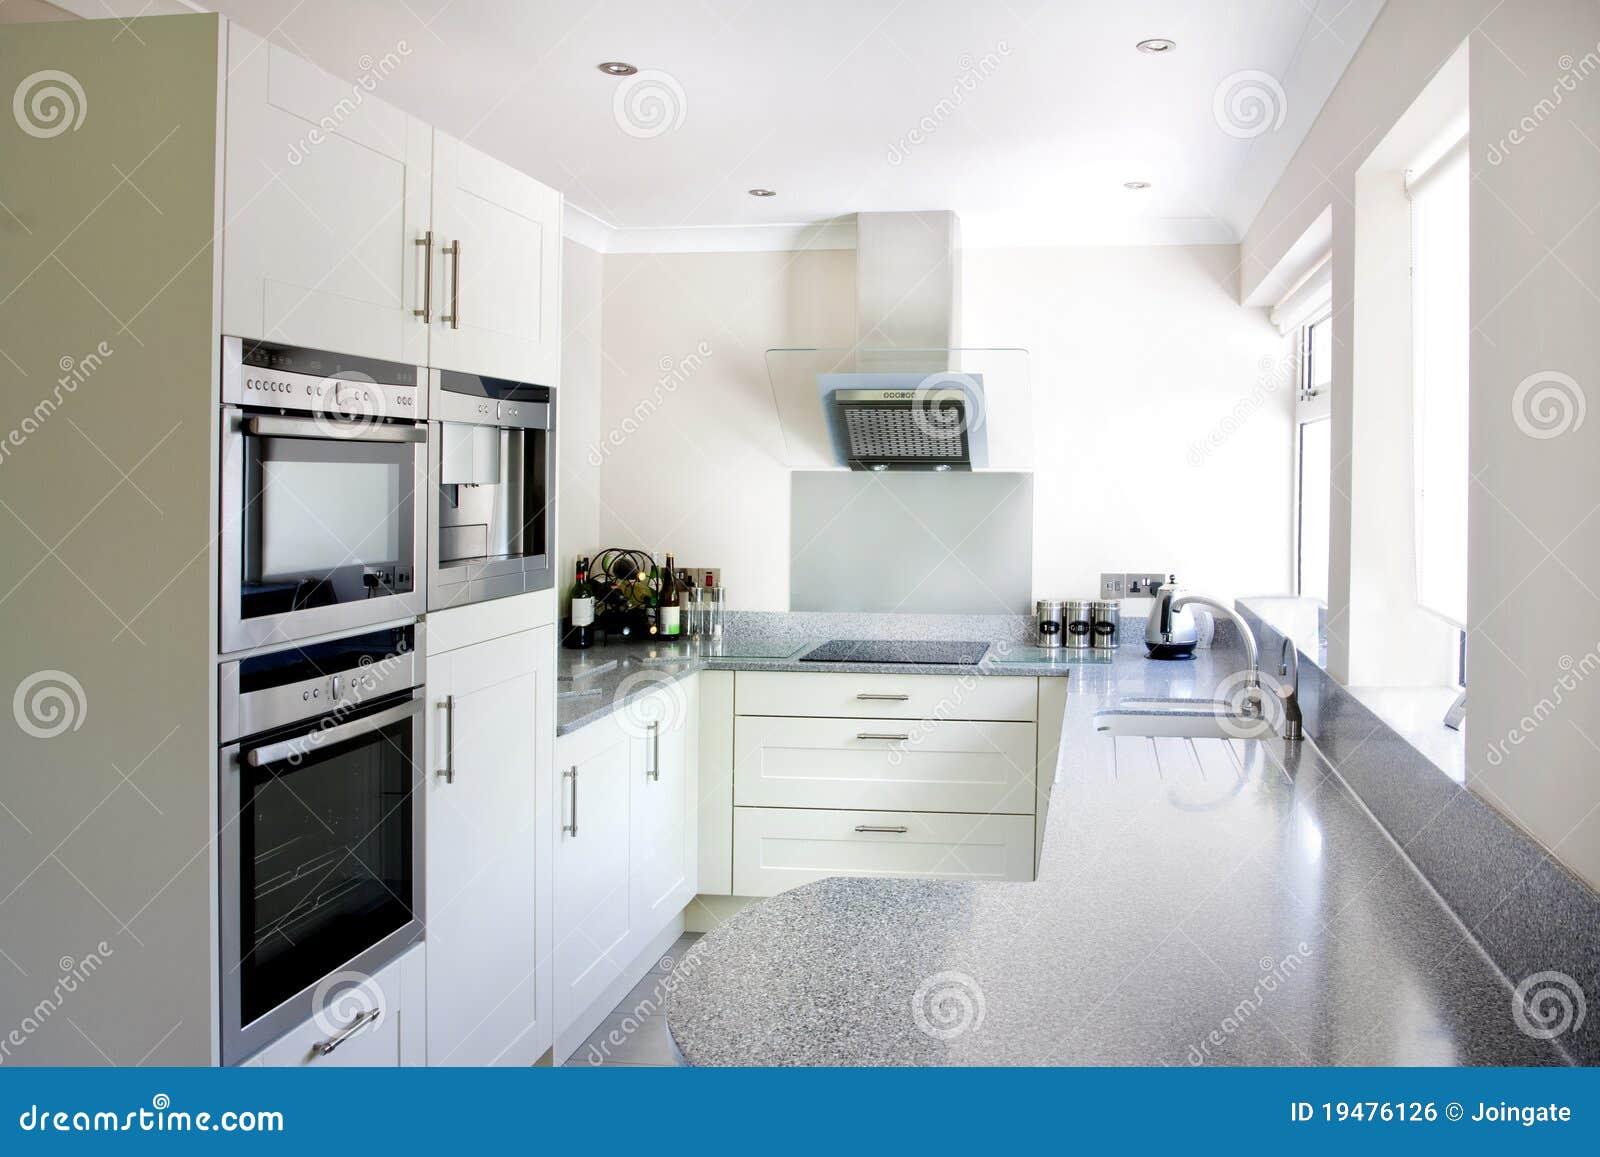 Chambre A Coucher Couleur : Cuisine Blanche Moderne Image libre de droits  Image 19476126